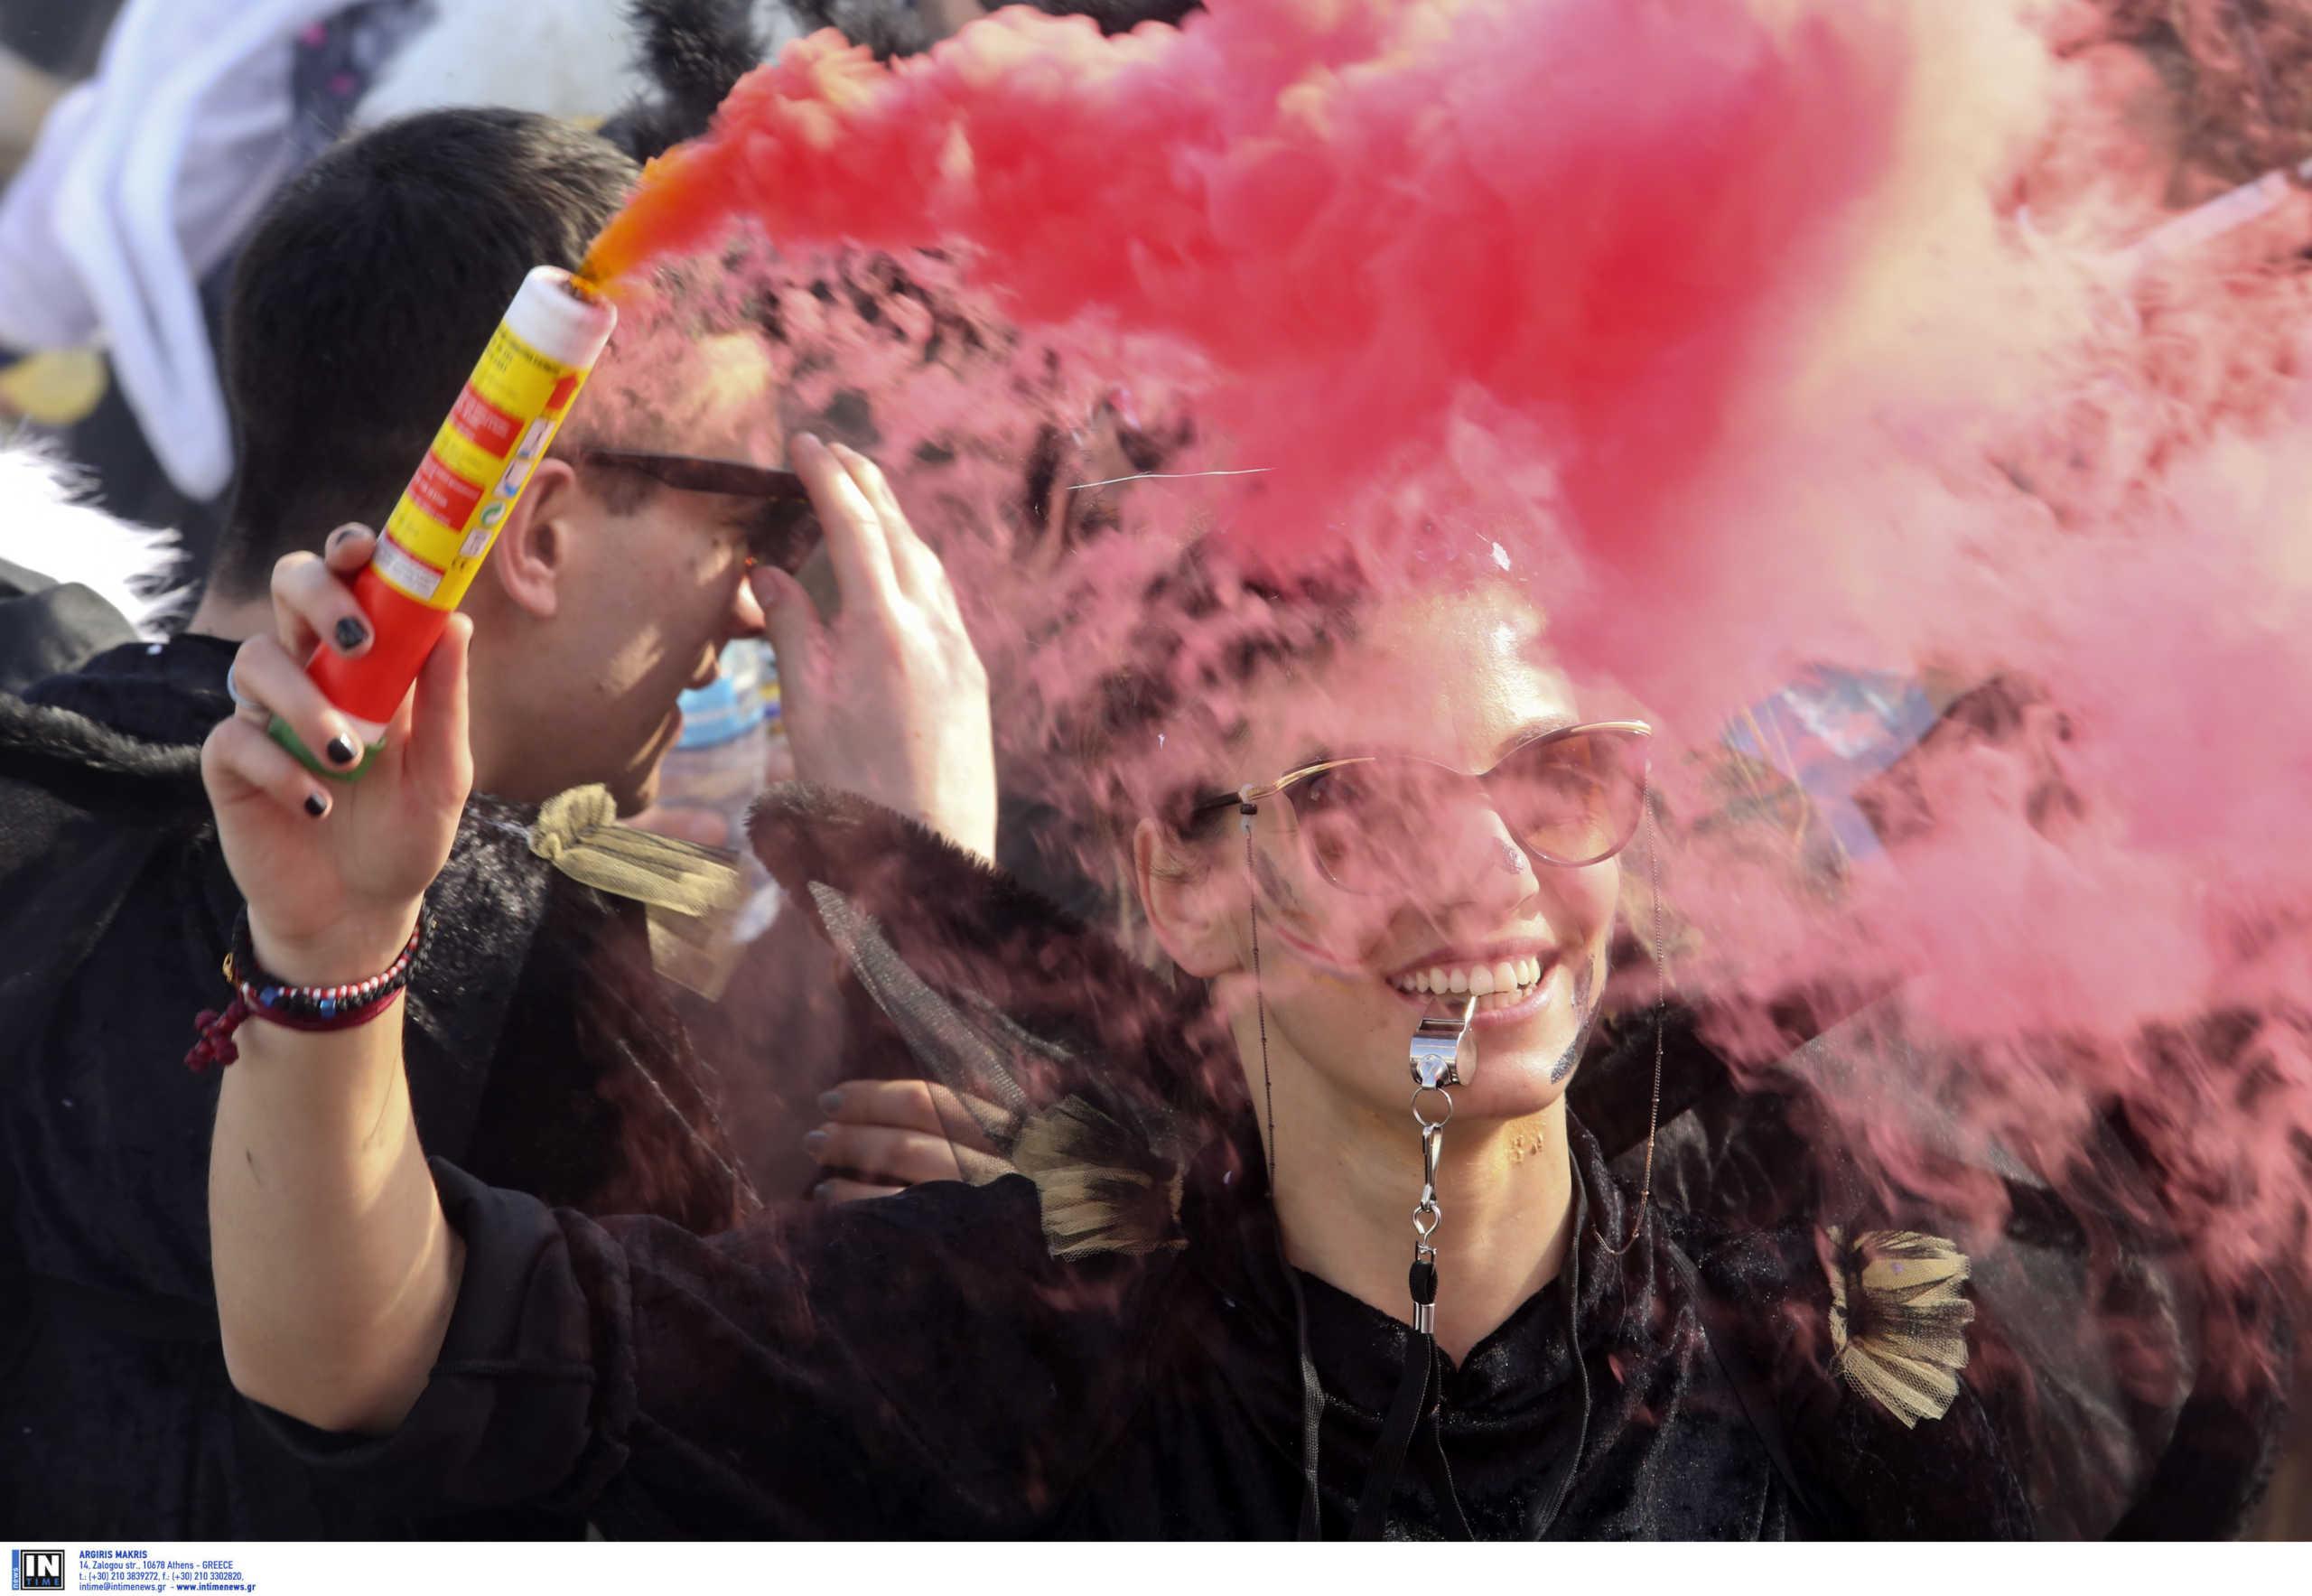 Ο κορονοϊός ακυρώνει κάθε καρναβάλι! Στα… κάγκελα οι δήμαρχοι